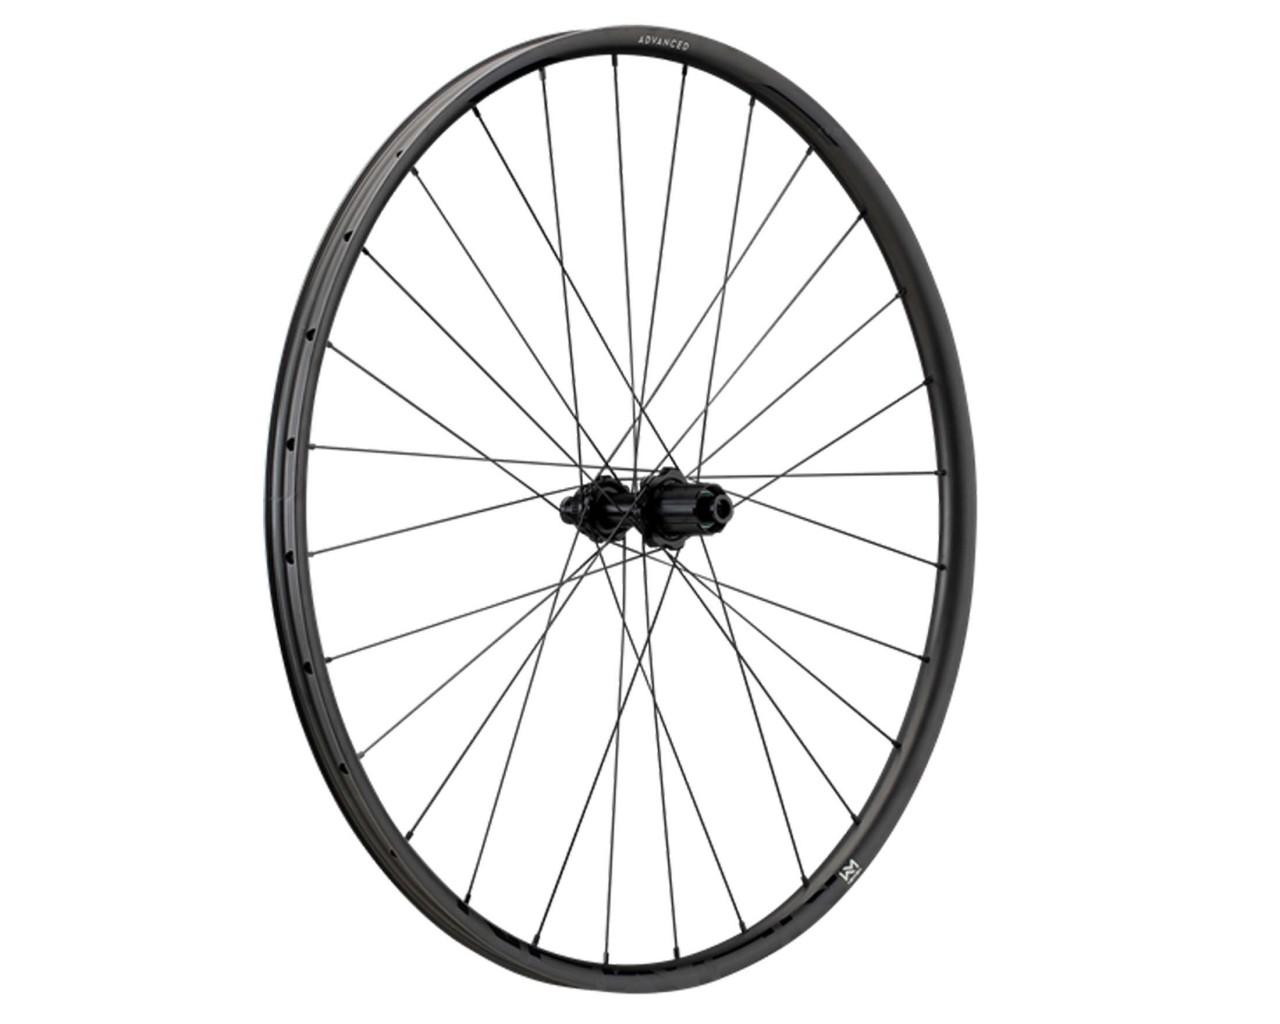 Newmen Carbon Wheel Advanced SL X.R.25 622 12x142 SP CL 28h XDR Fade